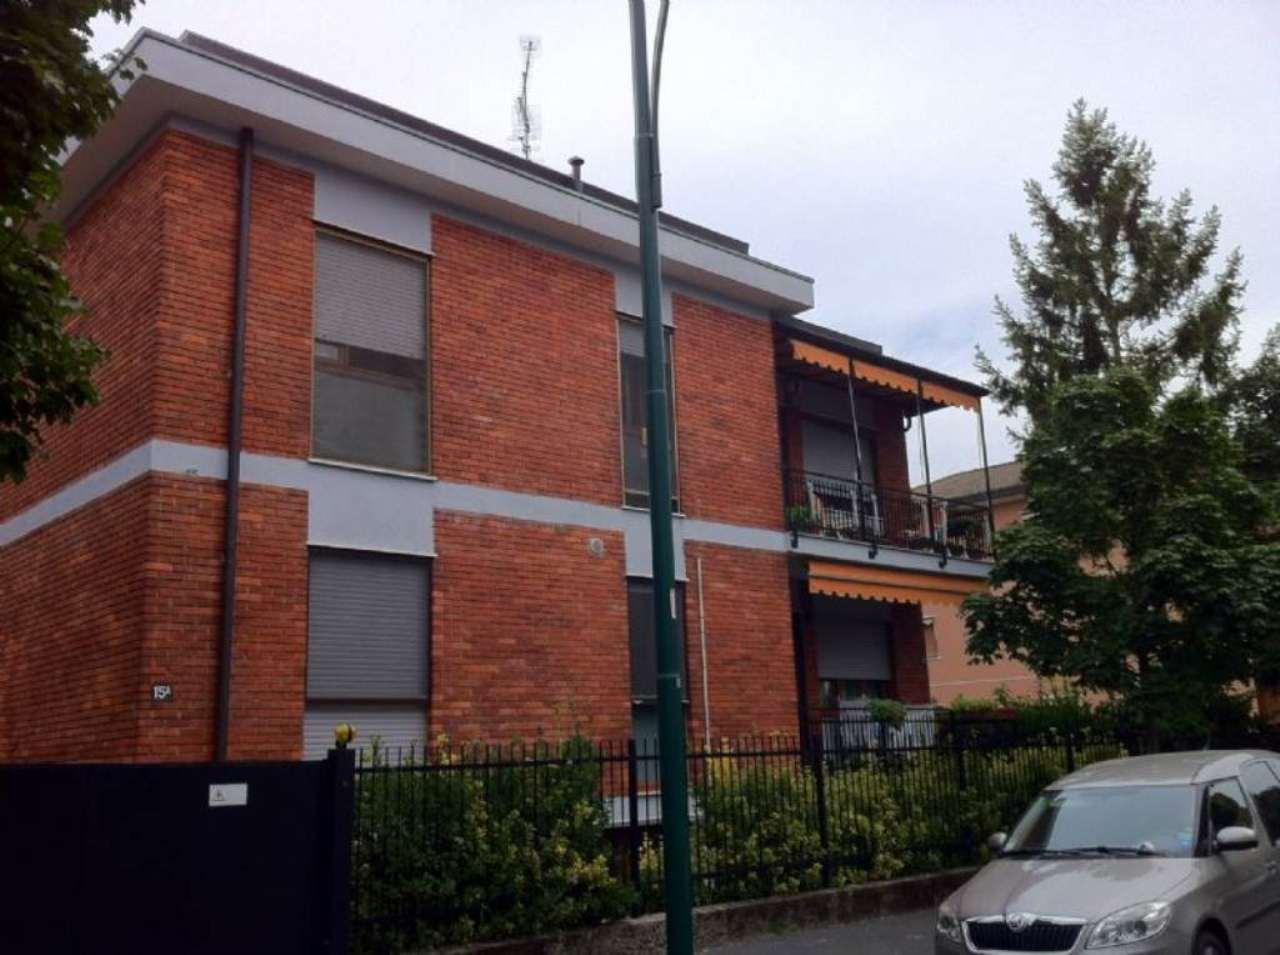 Appartamento in vendita a Cusano Milanino, 3 locali, prezzo € 360.000 | CambioCasa.it